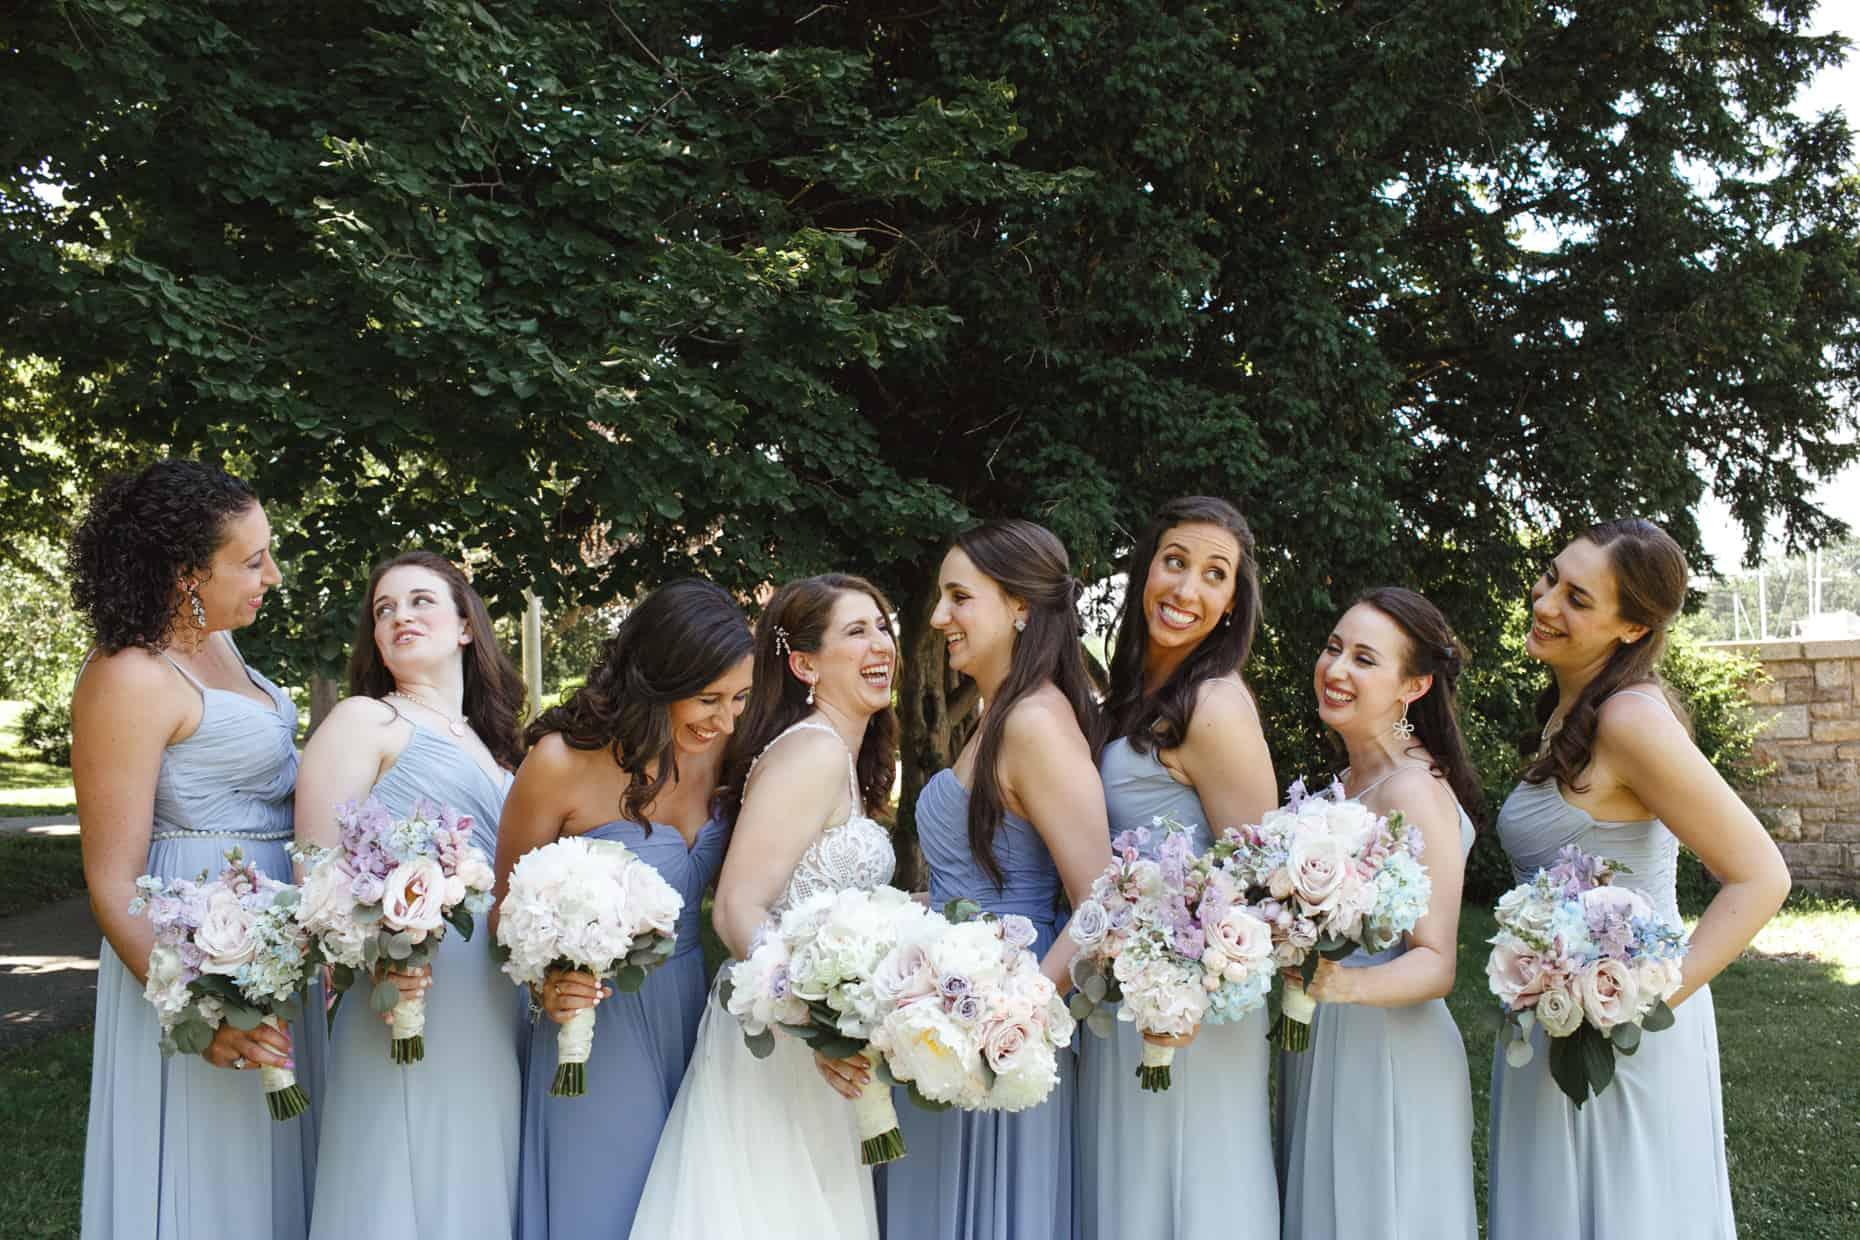 Glan Island Weddings